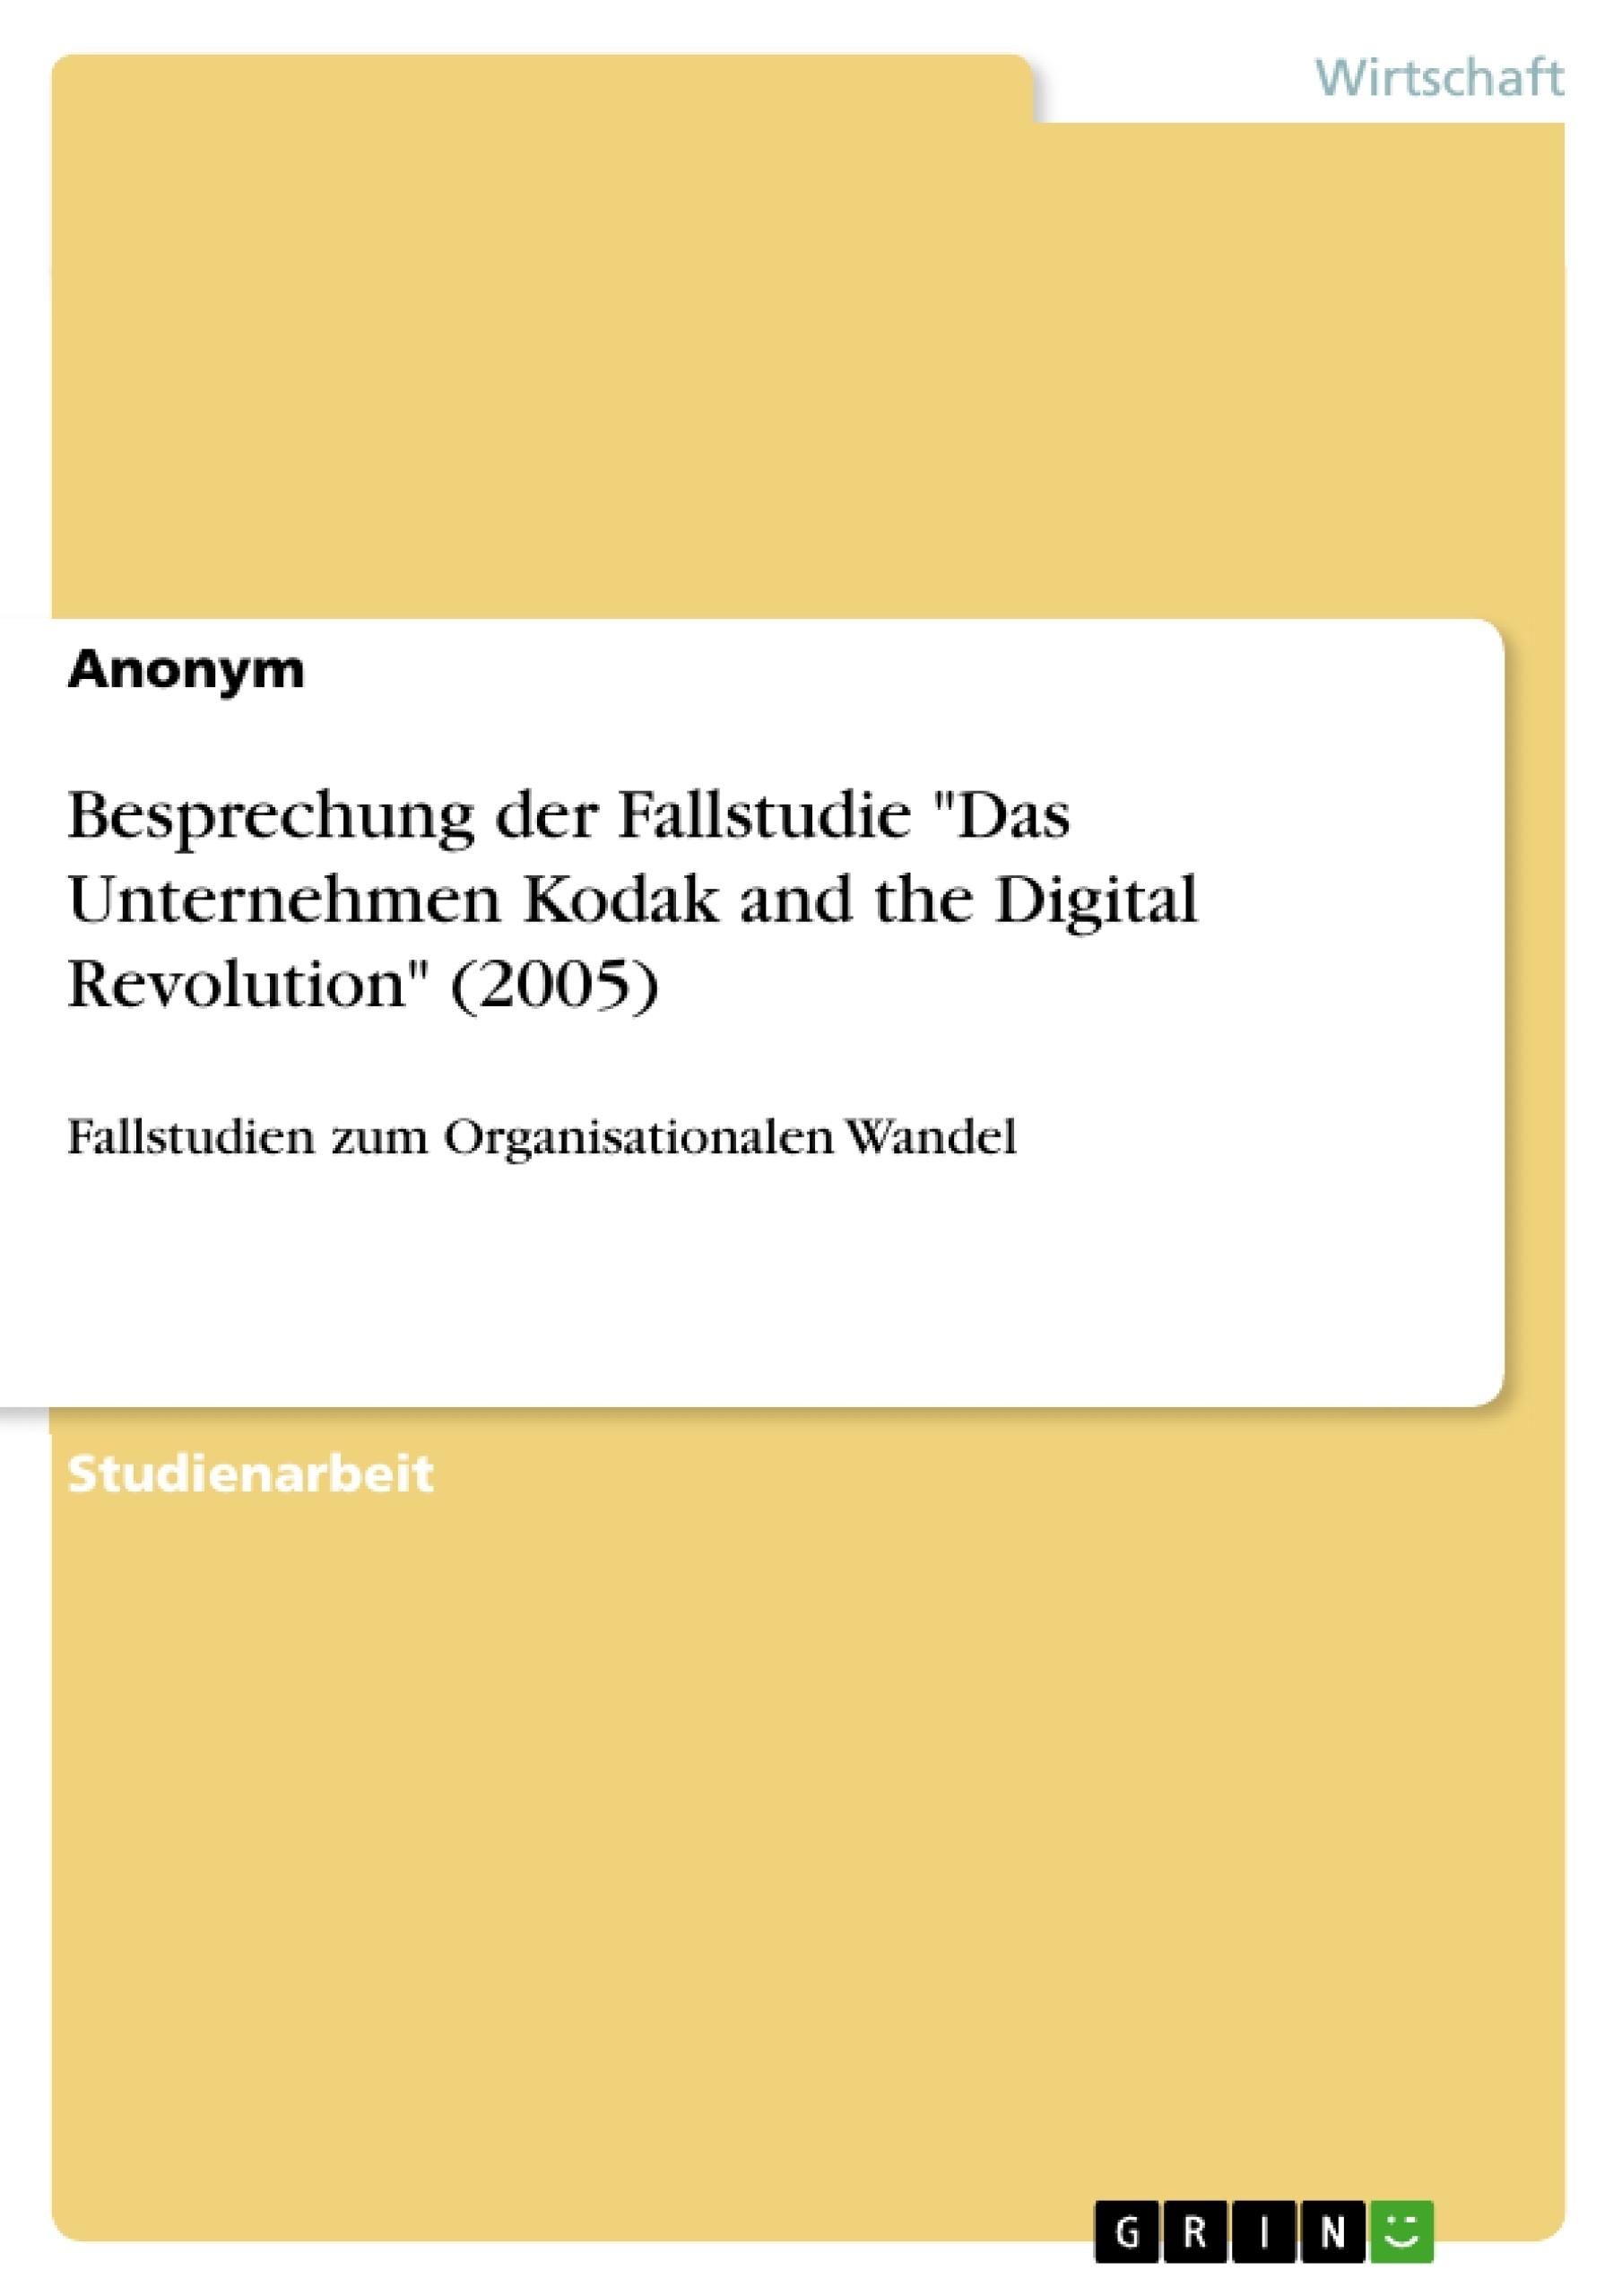 """Titel: Besprechung der Fallstudie """"Das Unternehmen Kodak and the Digital Revolution"""" (2005)"""